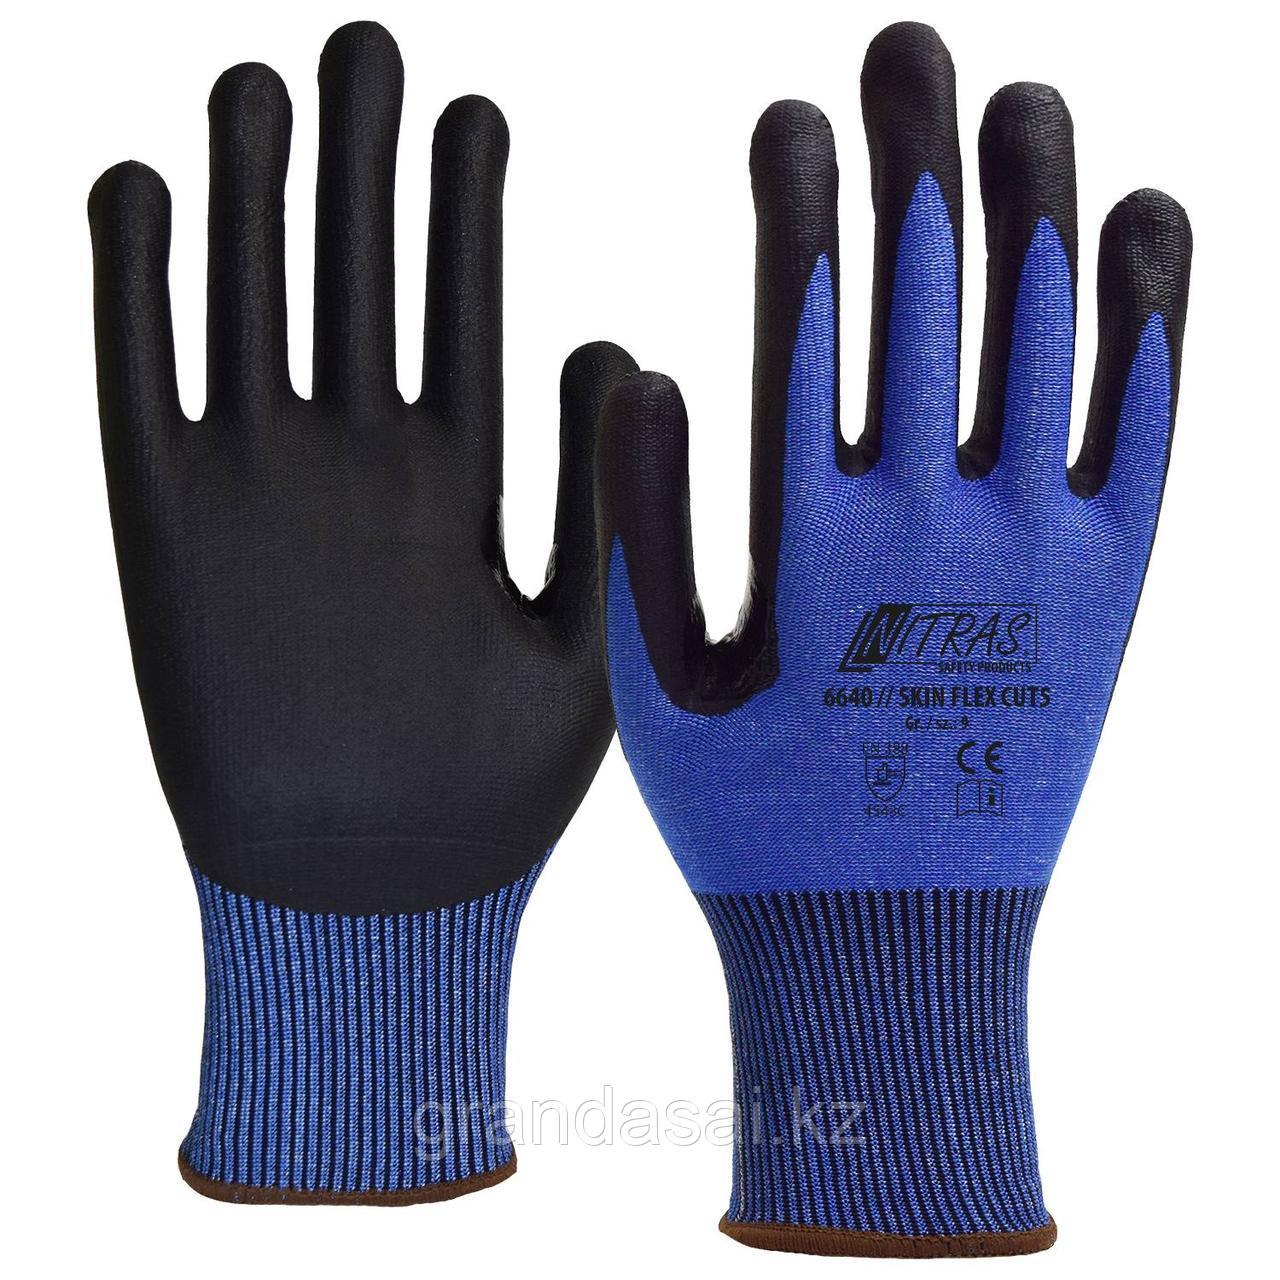 Перчатки высокой степени защиты от порезов NITRAS SKIN FLEX CUT5